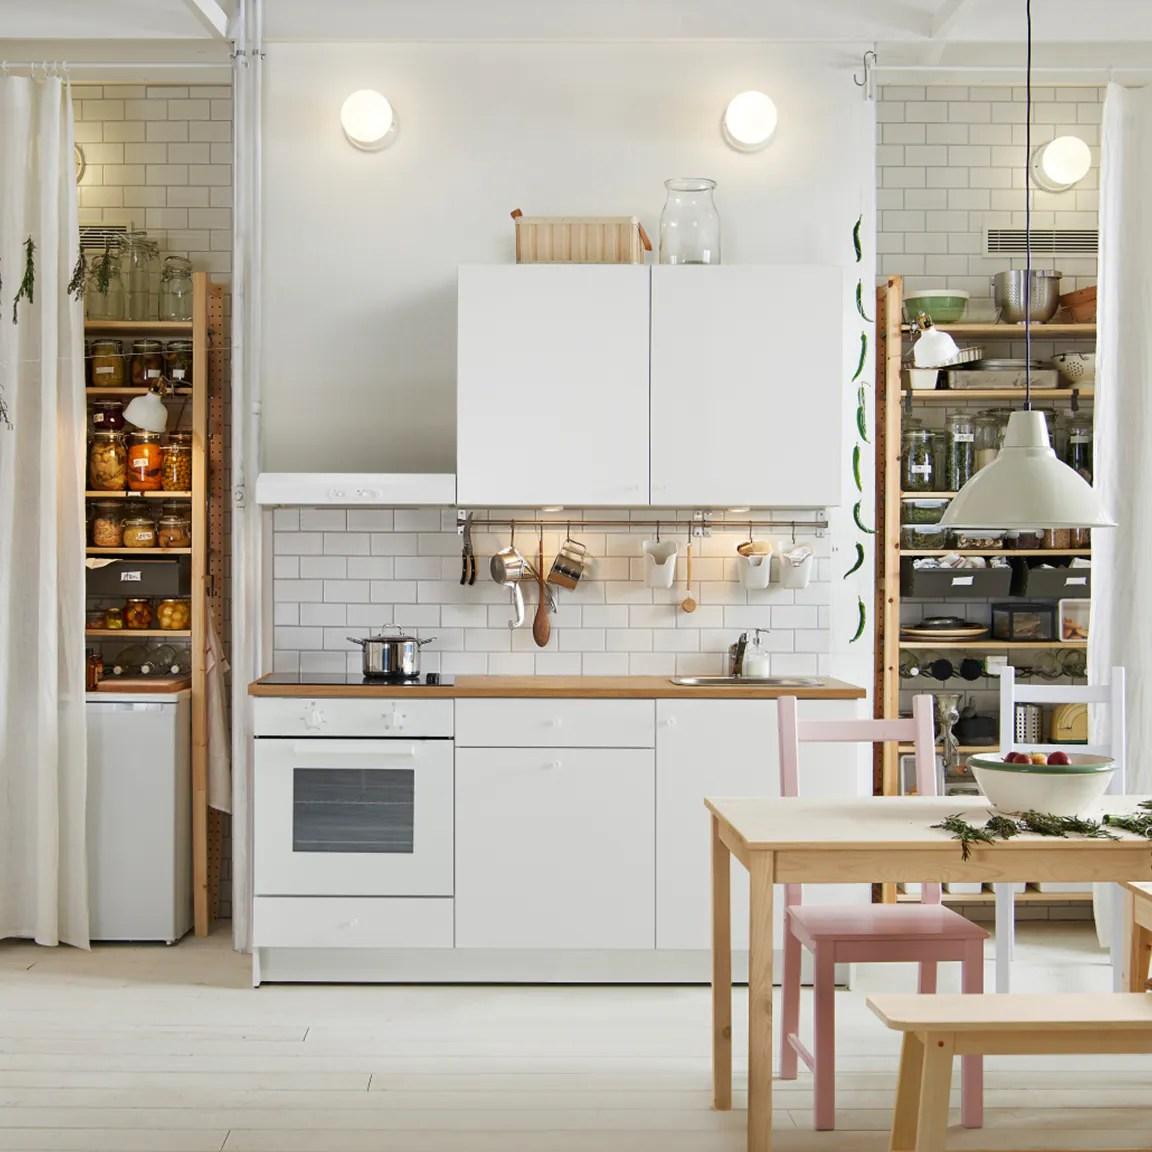 Ikea Metod Küchenplaner   Hochschränke Küche   Ikea.at